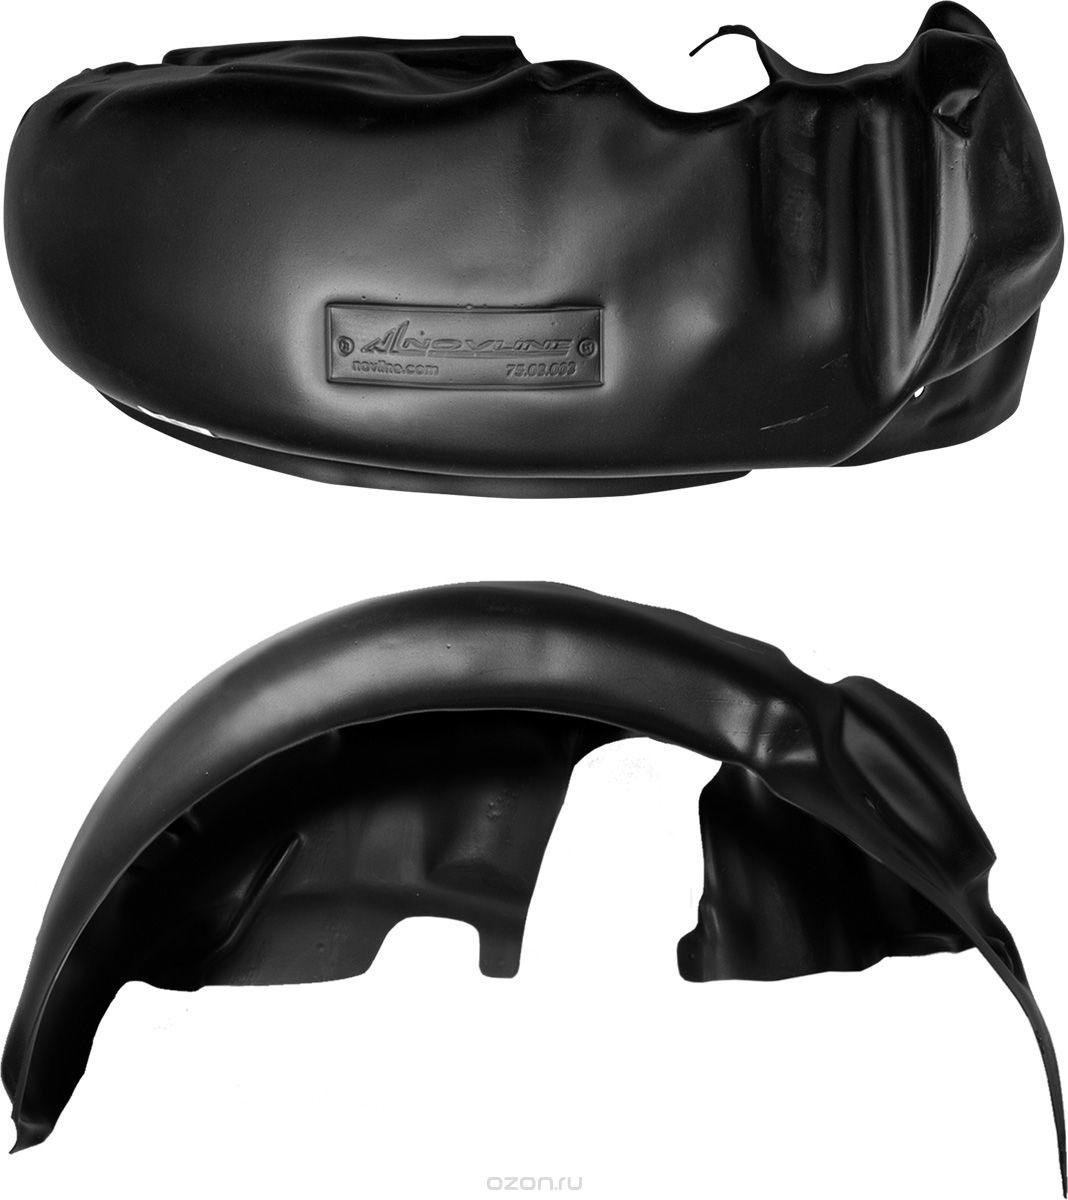 Подкрылок Novline-Autofamily, для Nissan Murano, 2008->, задний правыйNLL.36.40.004Идеальная защита колесной ниши. Локеры разработаны с применением цифровых технологий, гарантируют максимальную повторяемость поверхности арки. Изделия устанавливаются без нарушения лакокрасочного покрытия автомобиля, каждый подкрылок комплектуется крепежом. Уважаемые клиенты, обращаем ваше внимание, что фотографии на подкрылки универсальные и не отражают реальную форму изделия. При этом само изделие идет точно под размер указанного автомобиля.